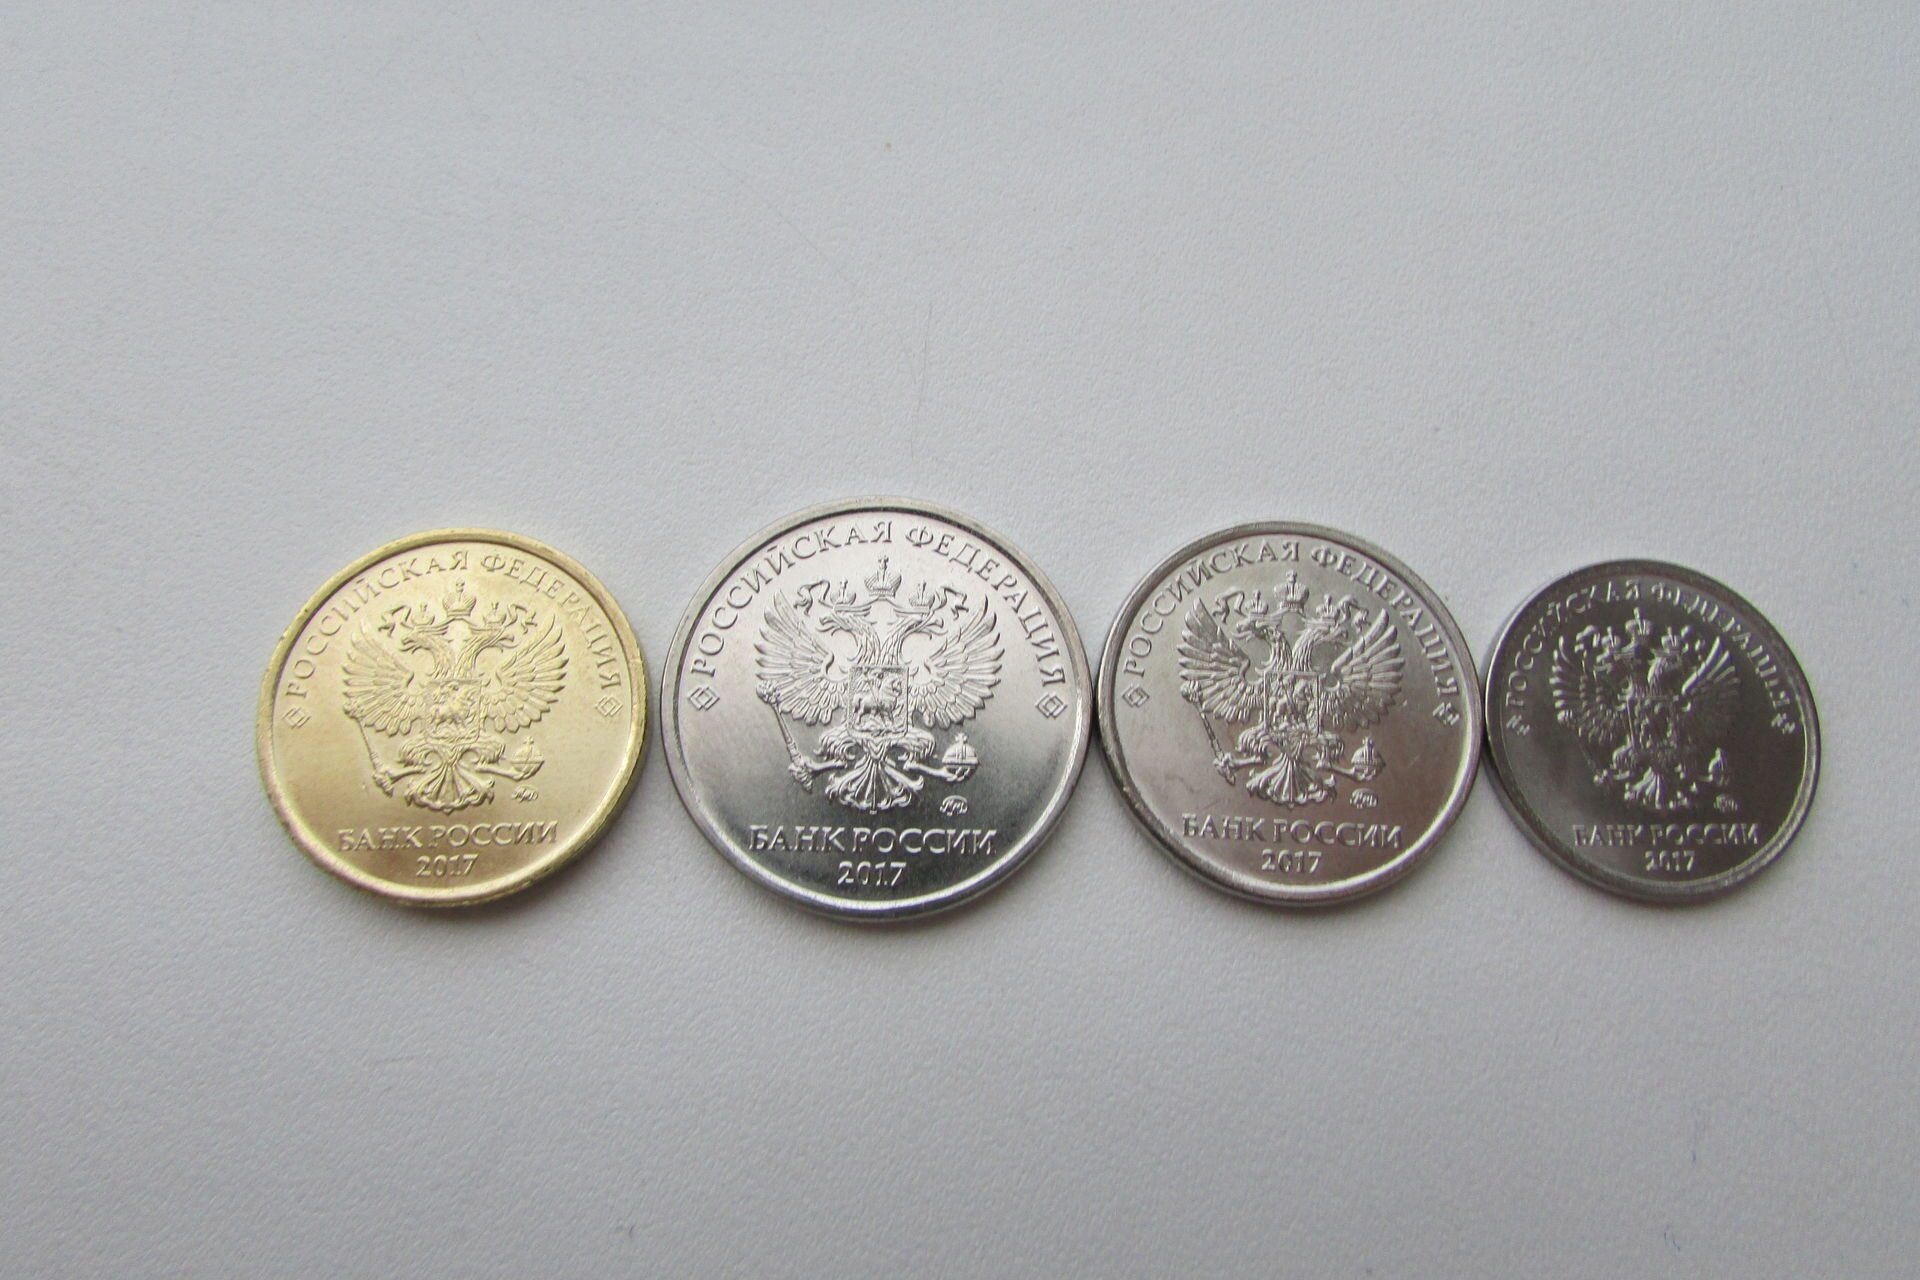 юбилейные монеты россии 2015 года каталог фото